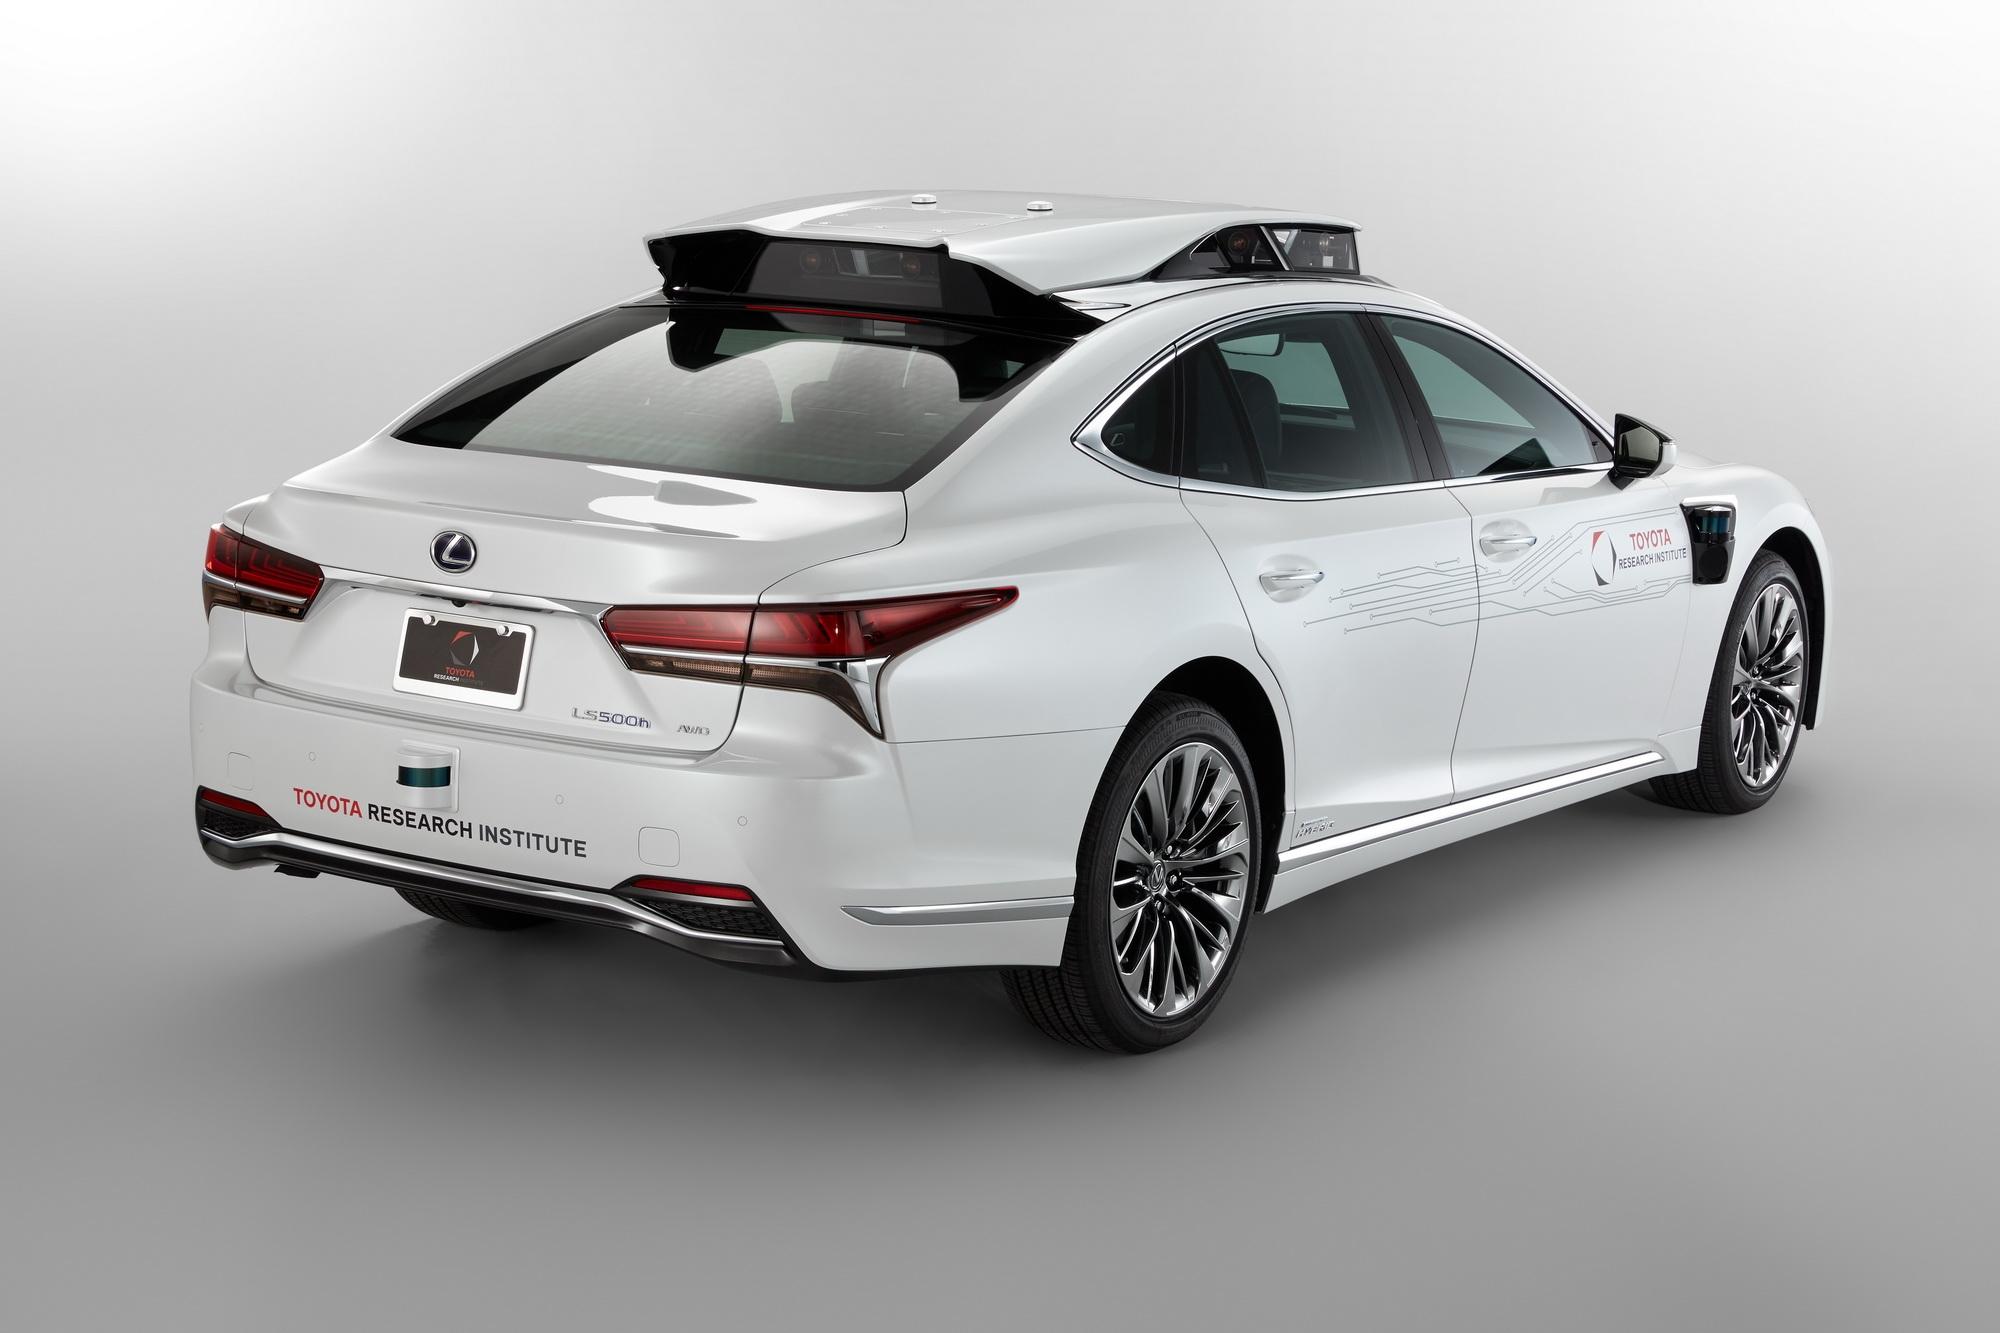 Лексус продемонстрировал прототип нового беспилотного автомобиля